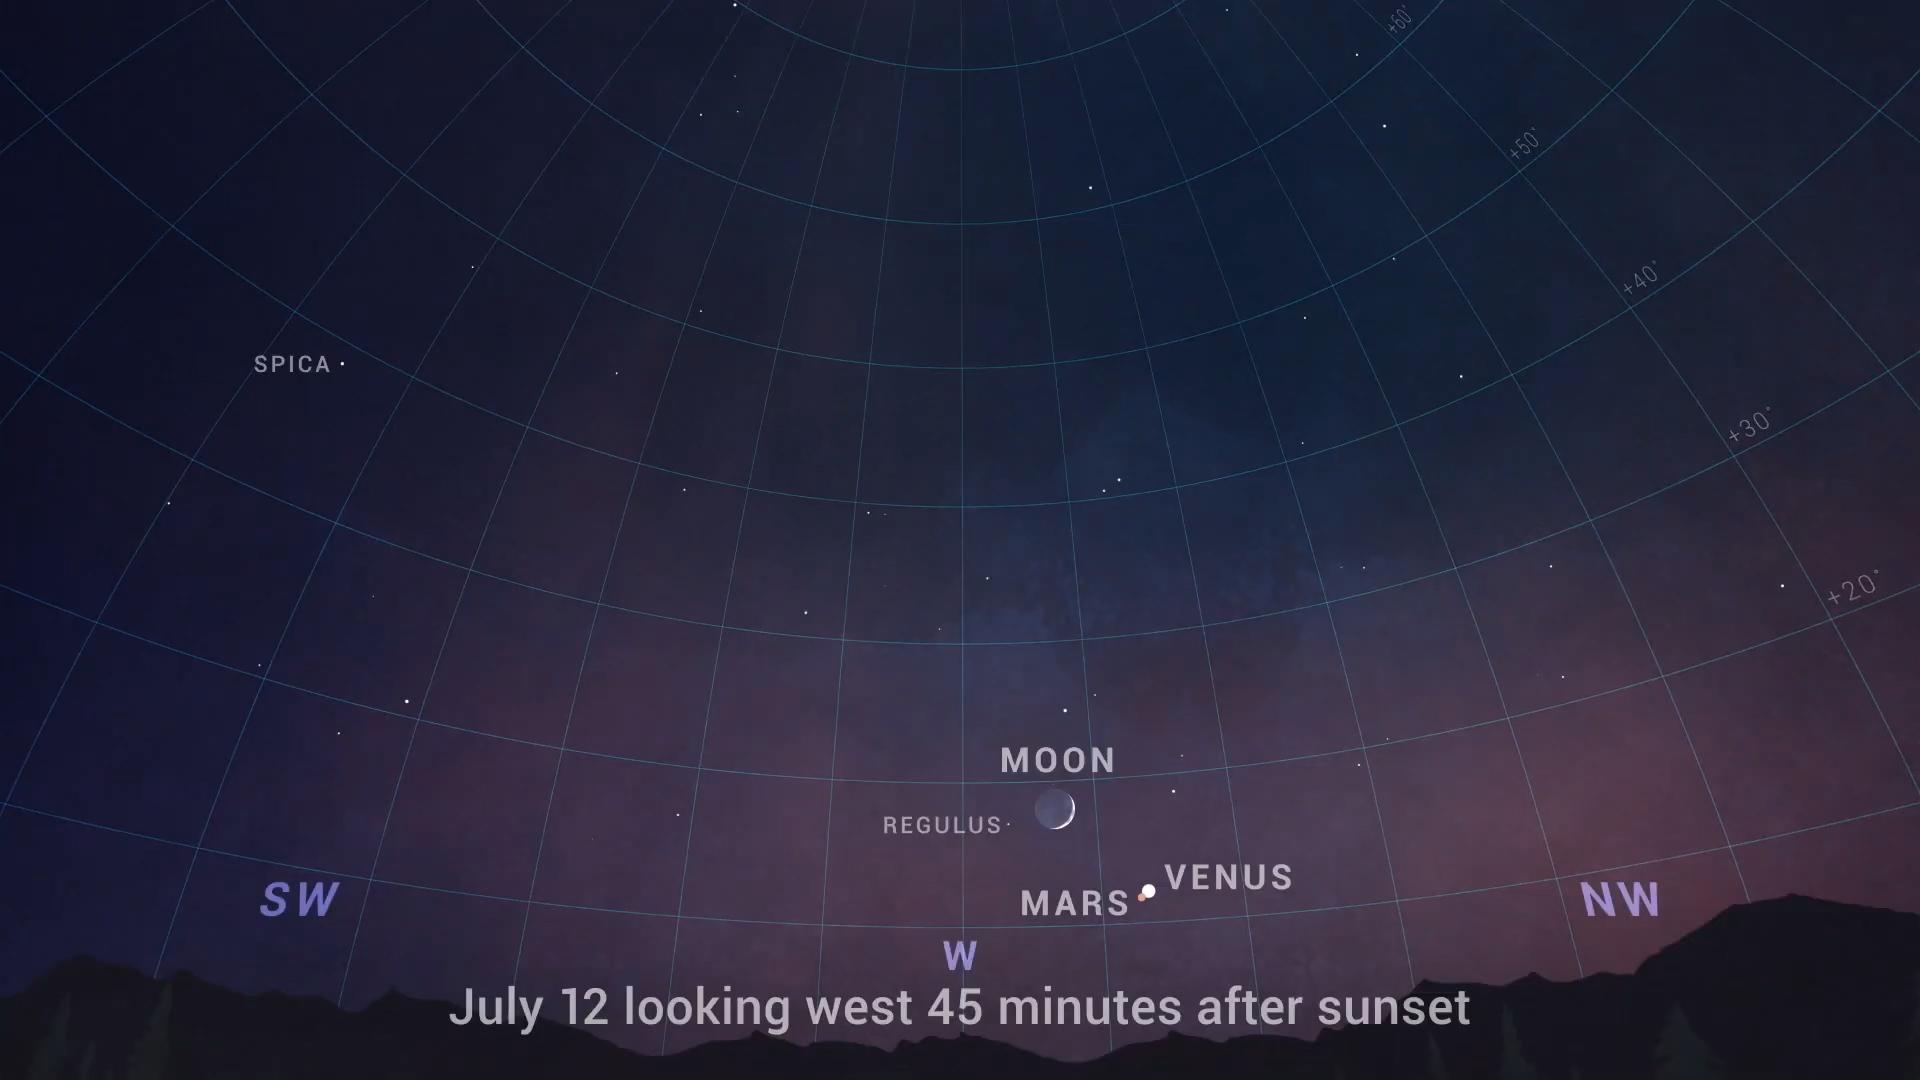 VenusMars_July12.jpg